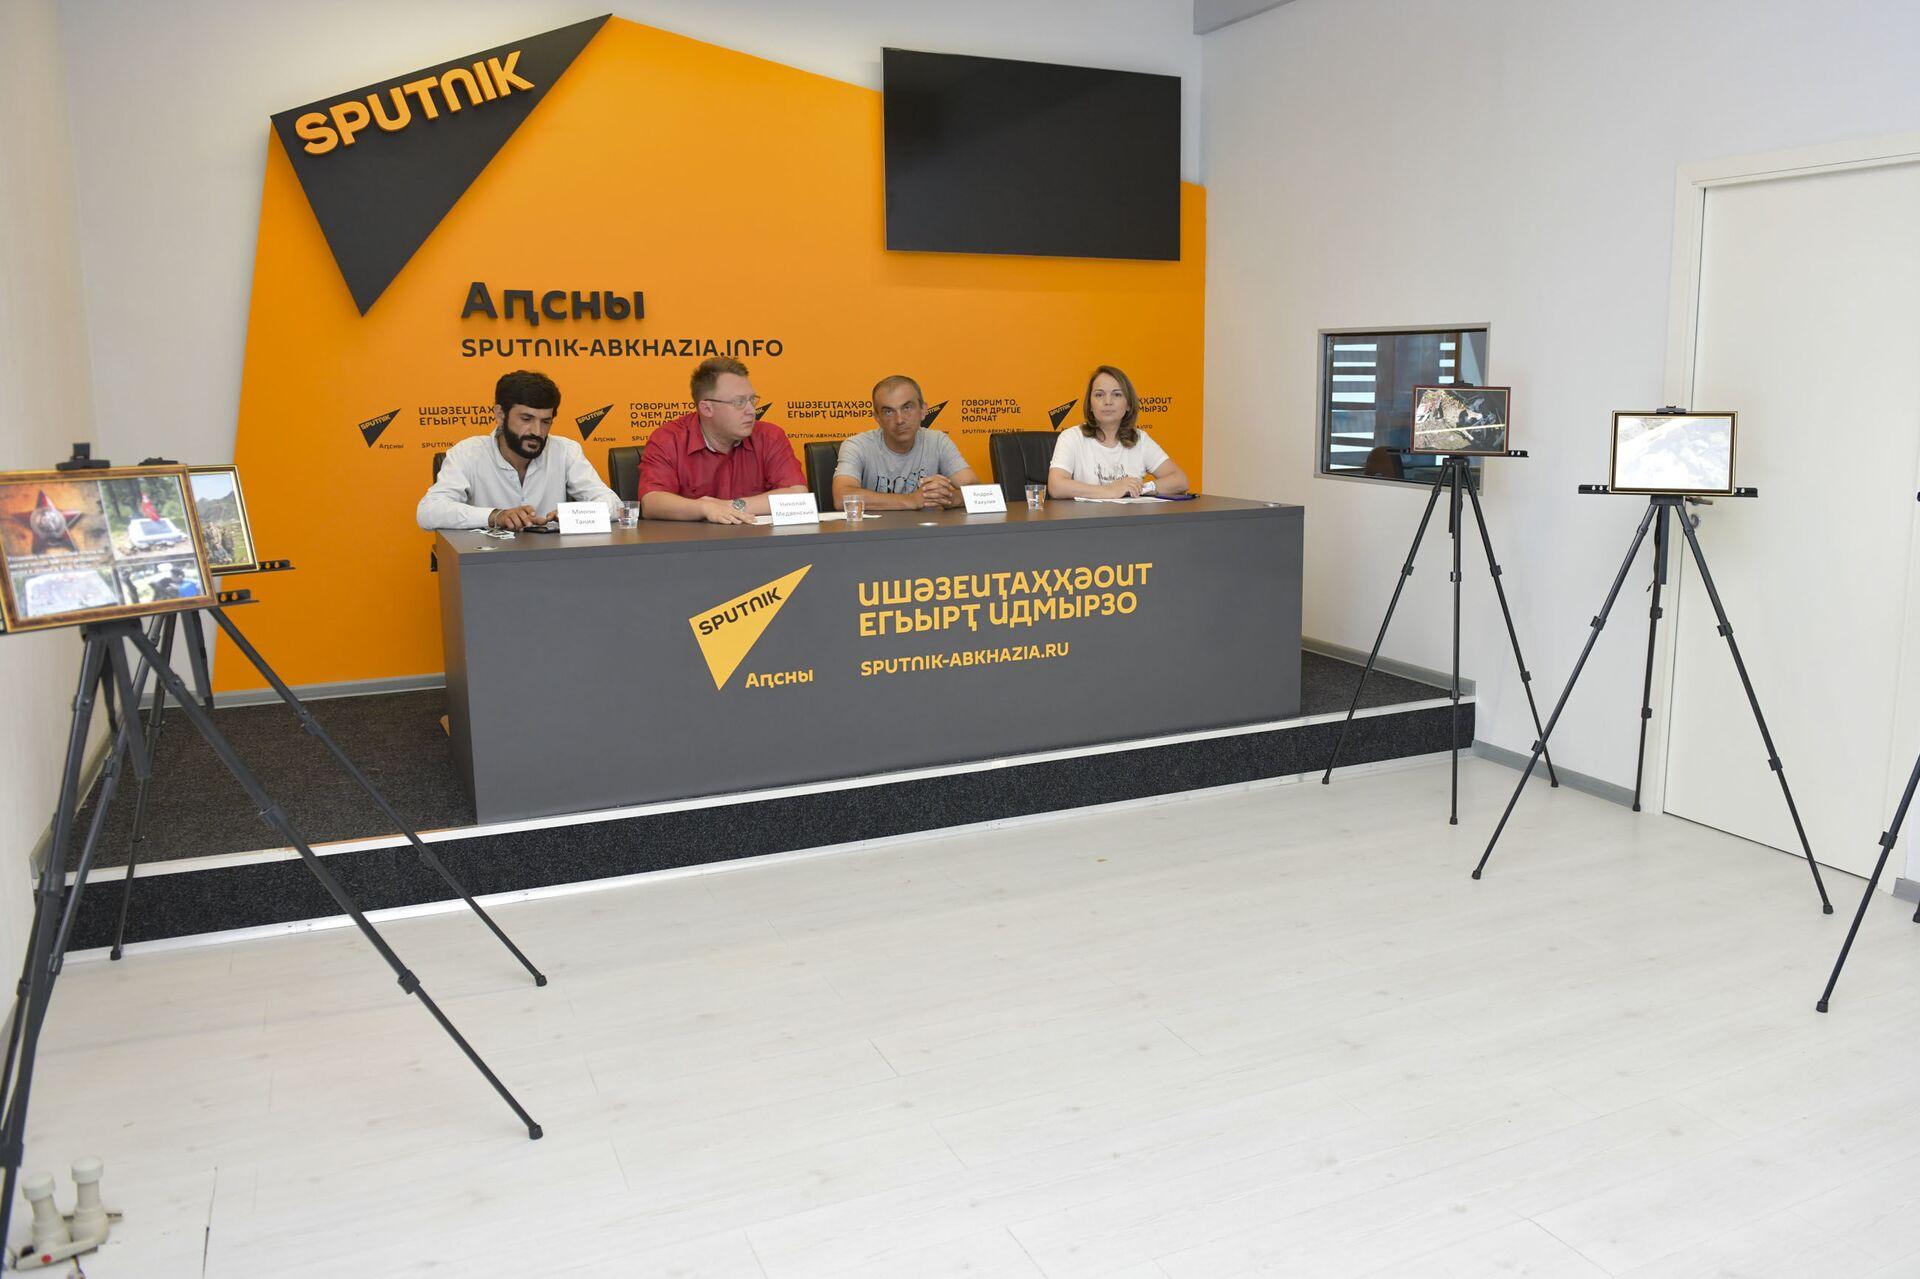 Сохранить память: в Sputnik рассказали о работе организации Абхазпоиск - Sputnik Абхазия, 1920, 12.07.2021